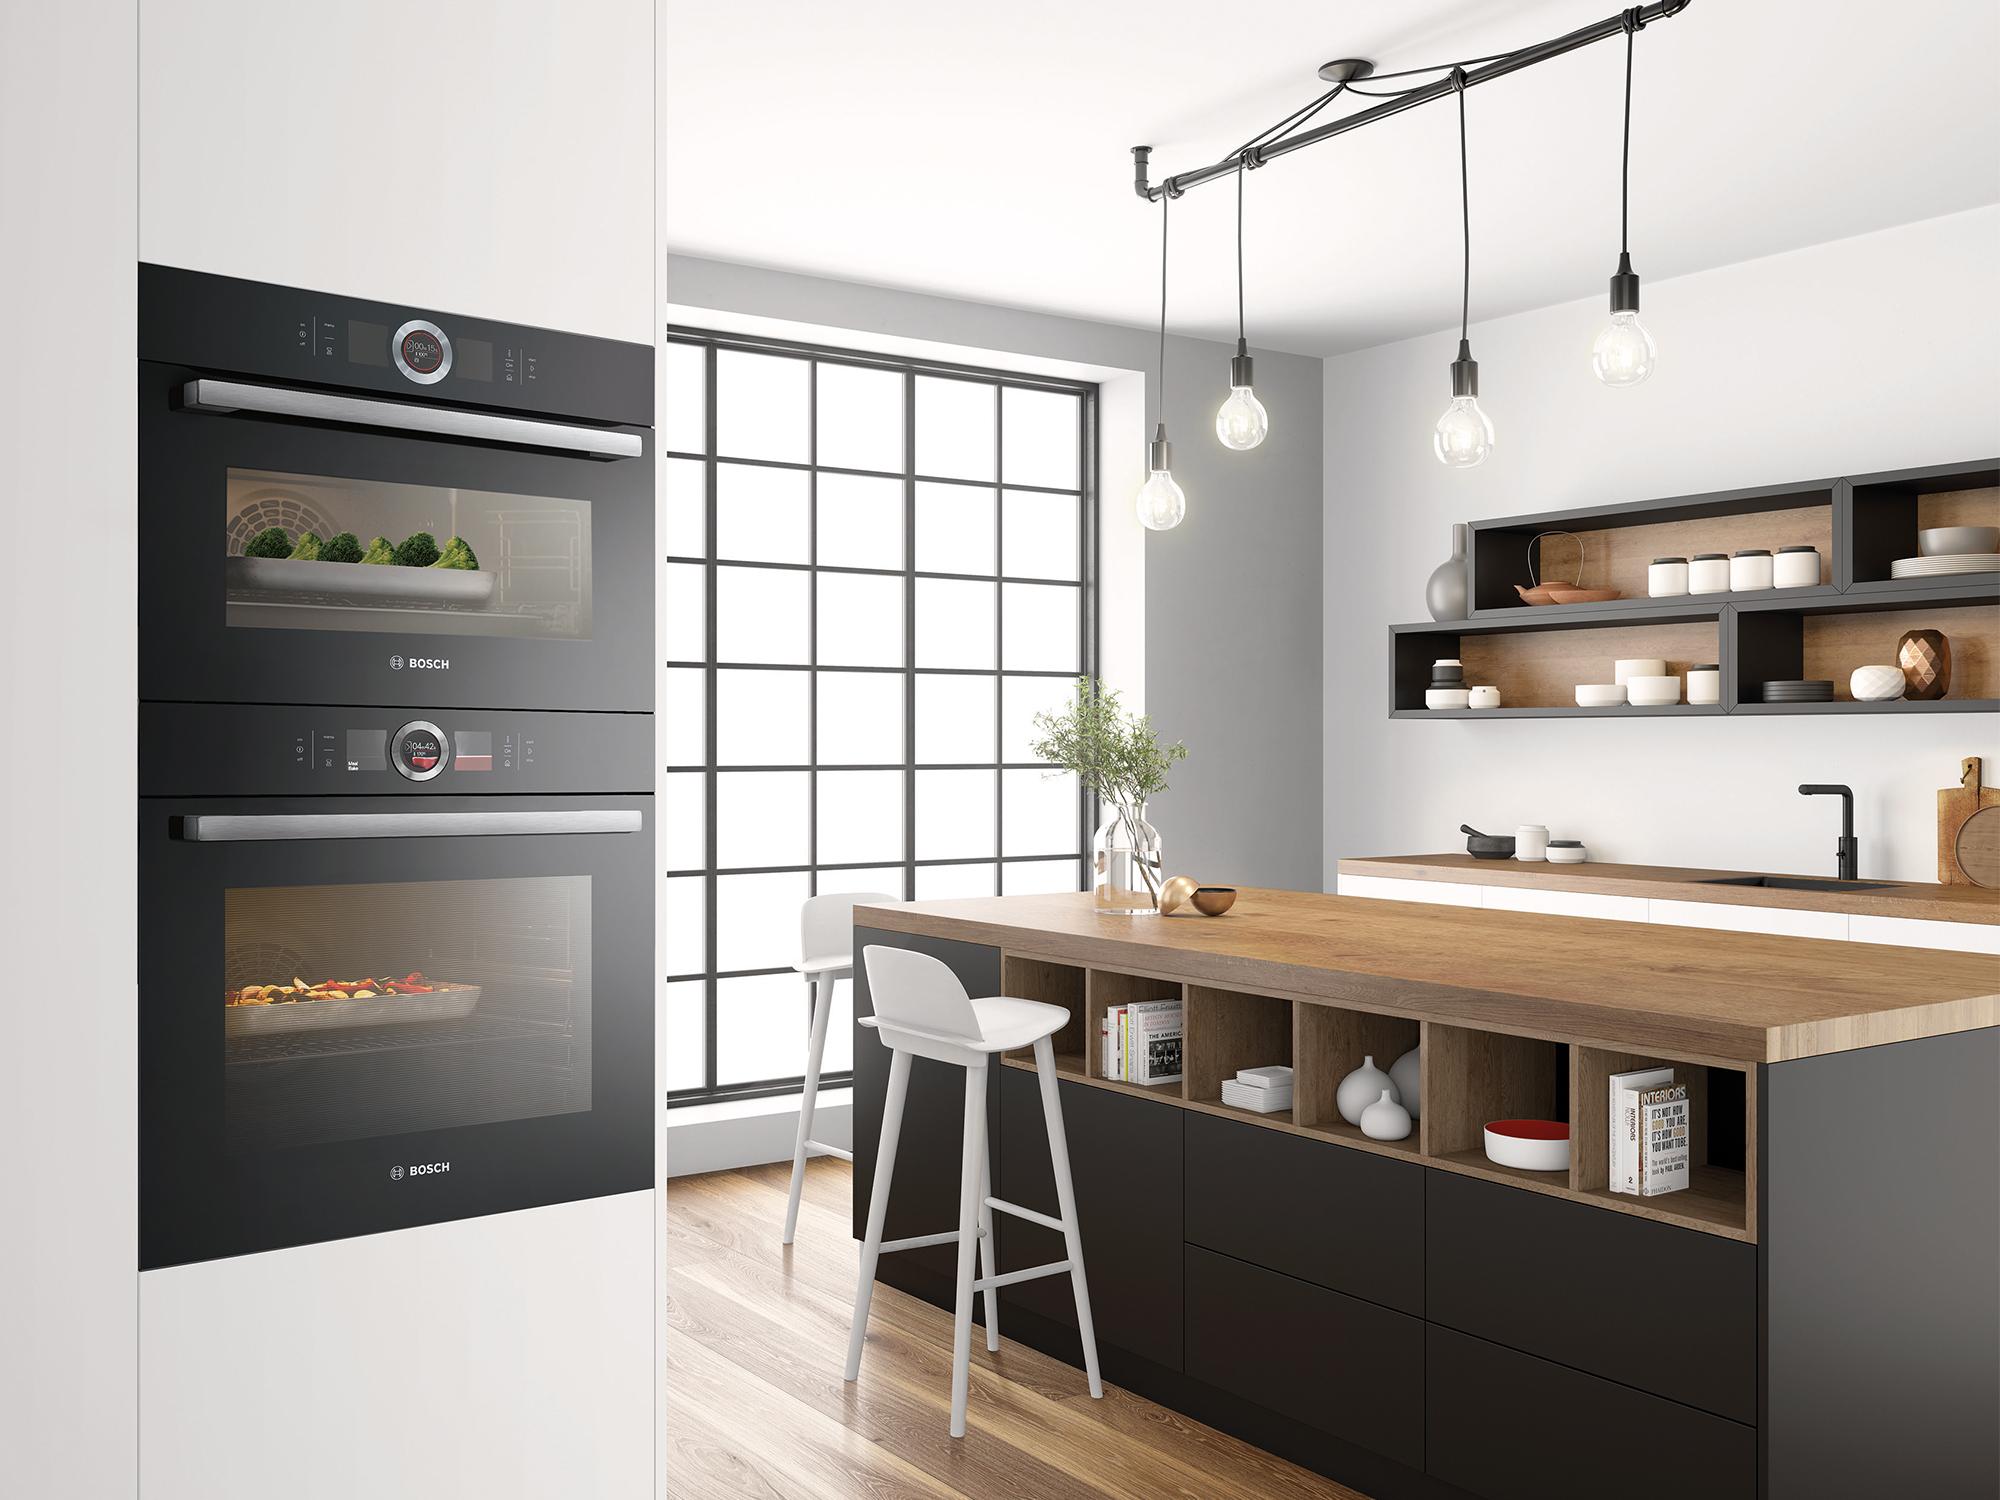 ovens Bosch